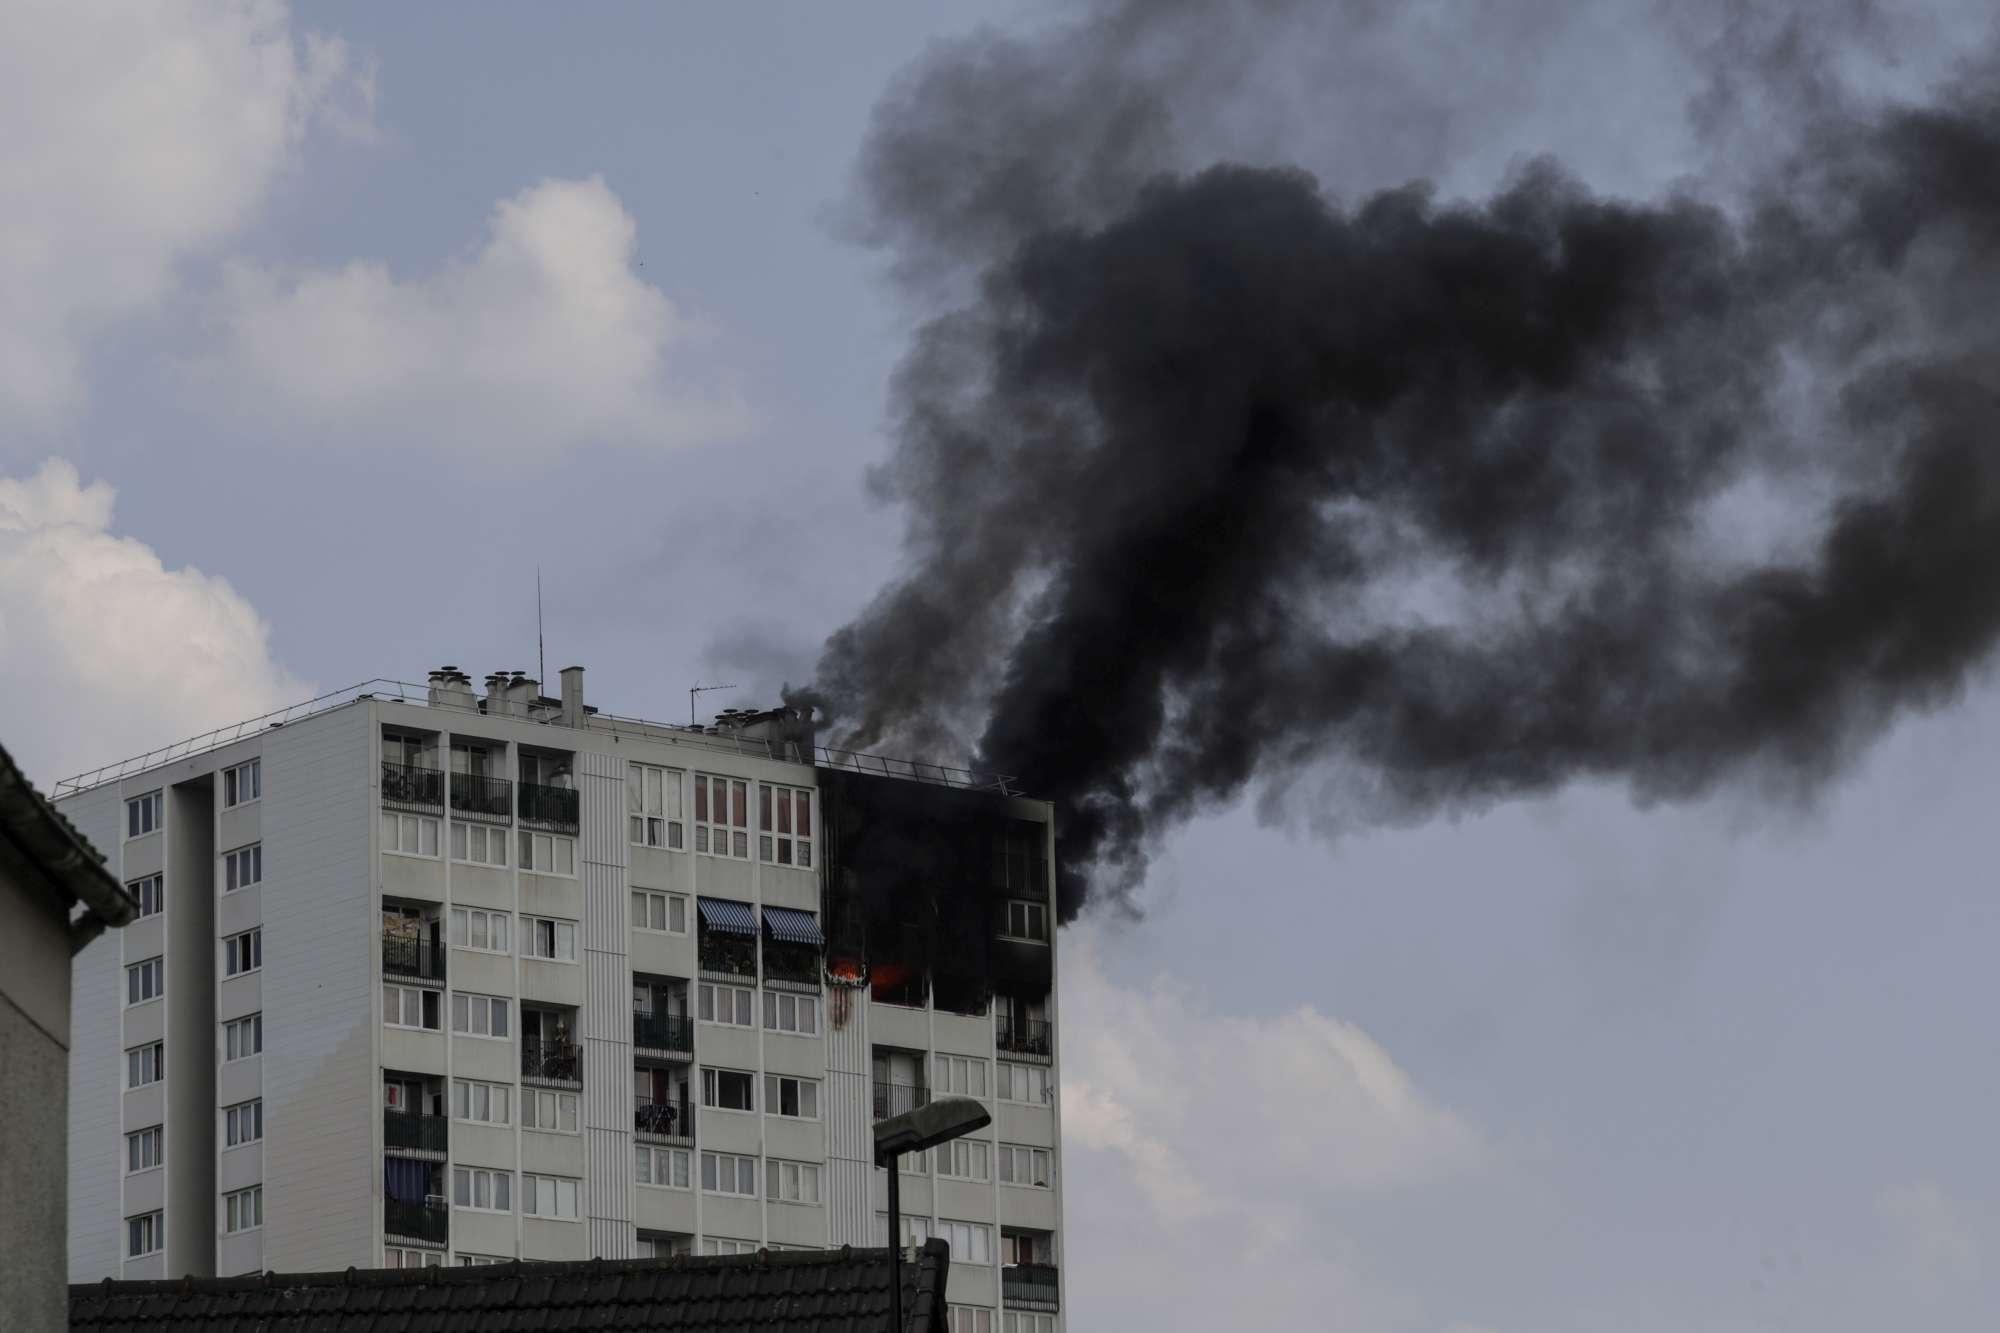 Parigi, fiamme in grattacielo in banlieue: morti una donna e 3 bimbi